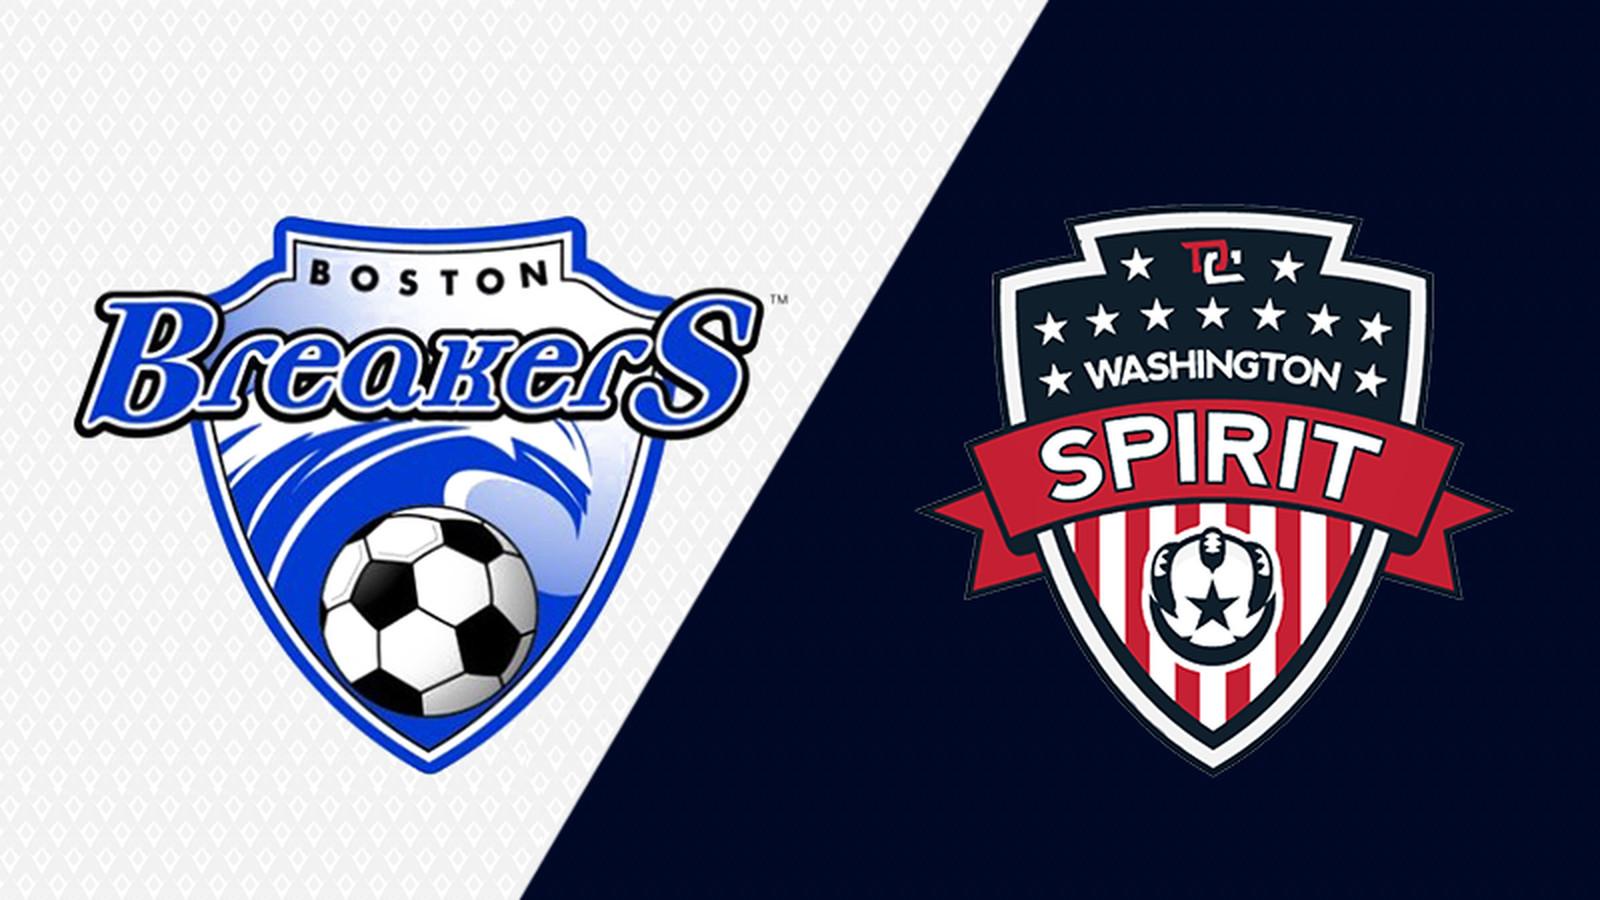 Breakers_vs_spirit.0.0